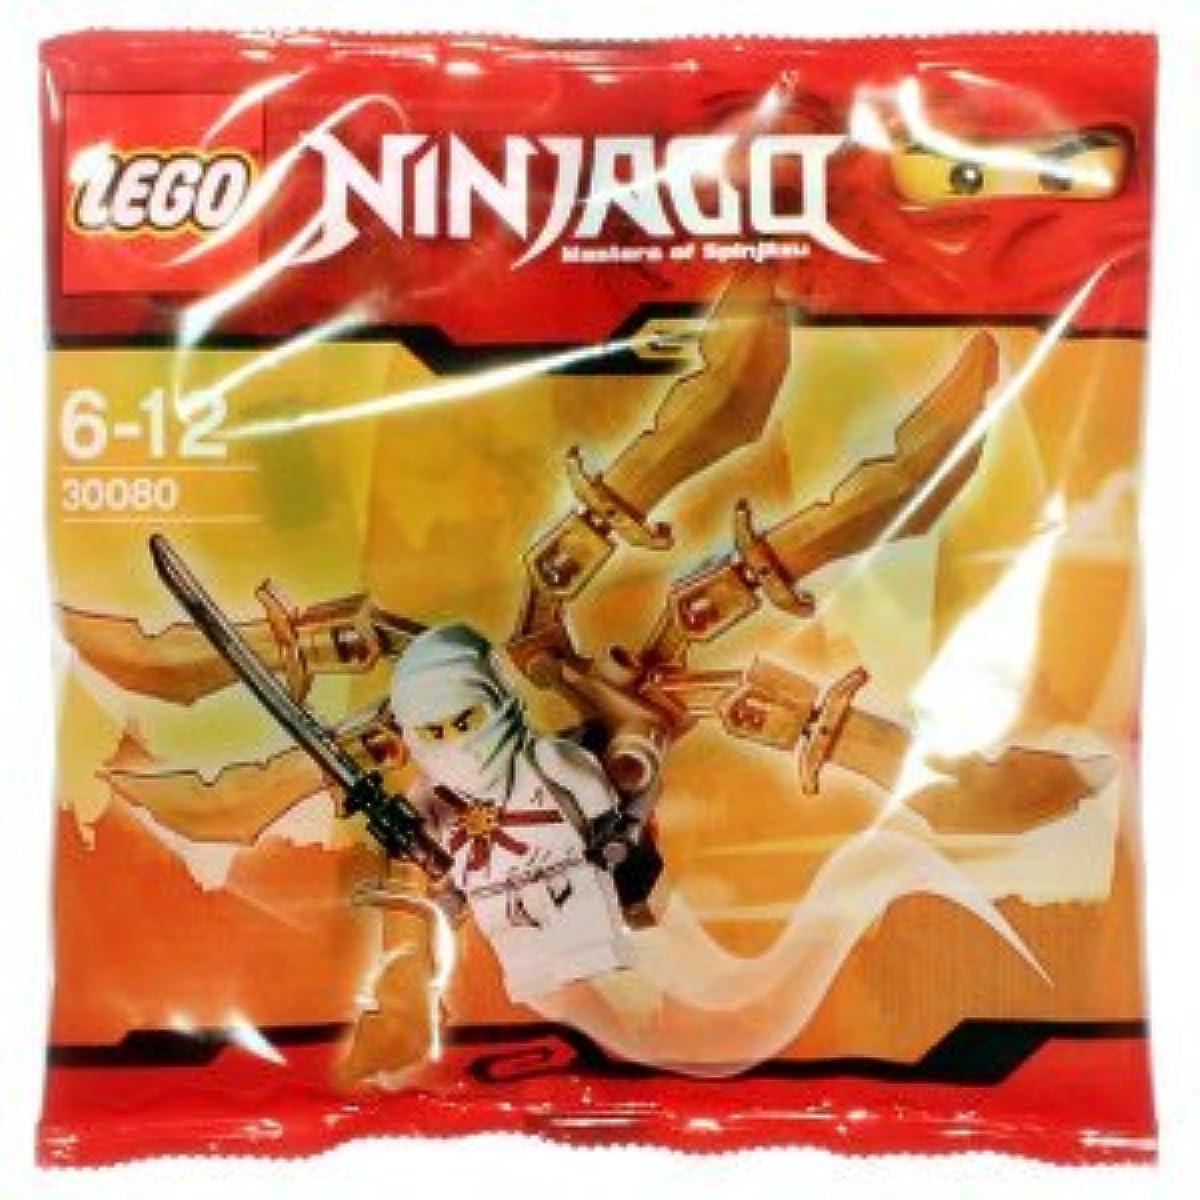 [해외] 레고 닌자고 젠 30080 LEGO NINJAGO ZANE GLIDER【특별 한정품】-30080